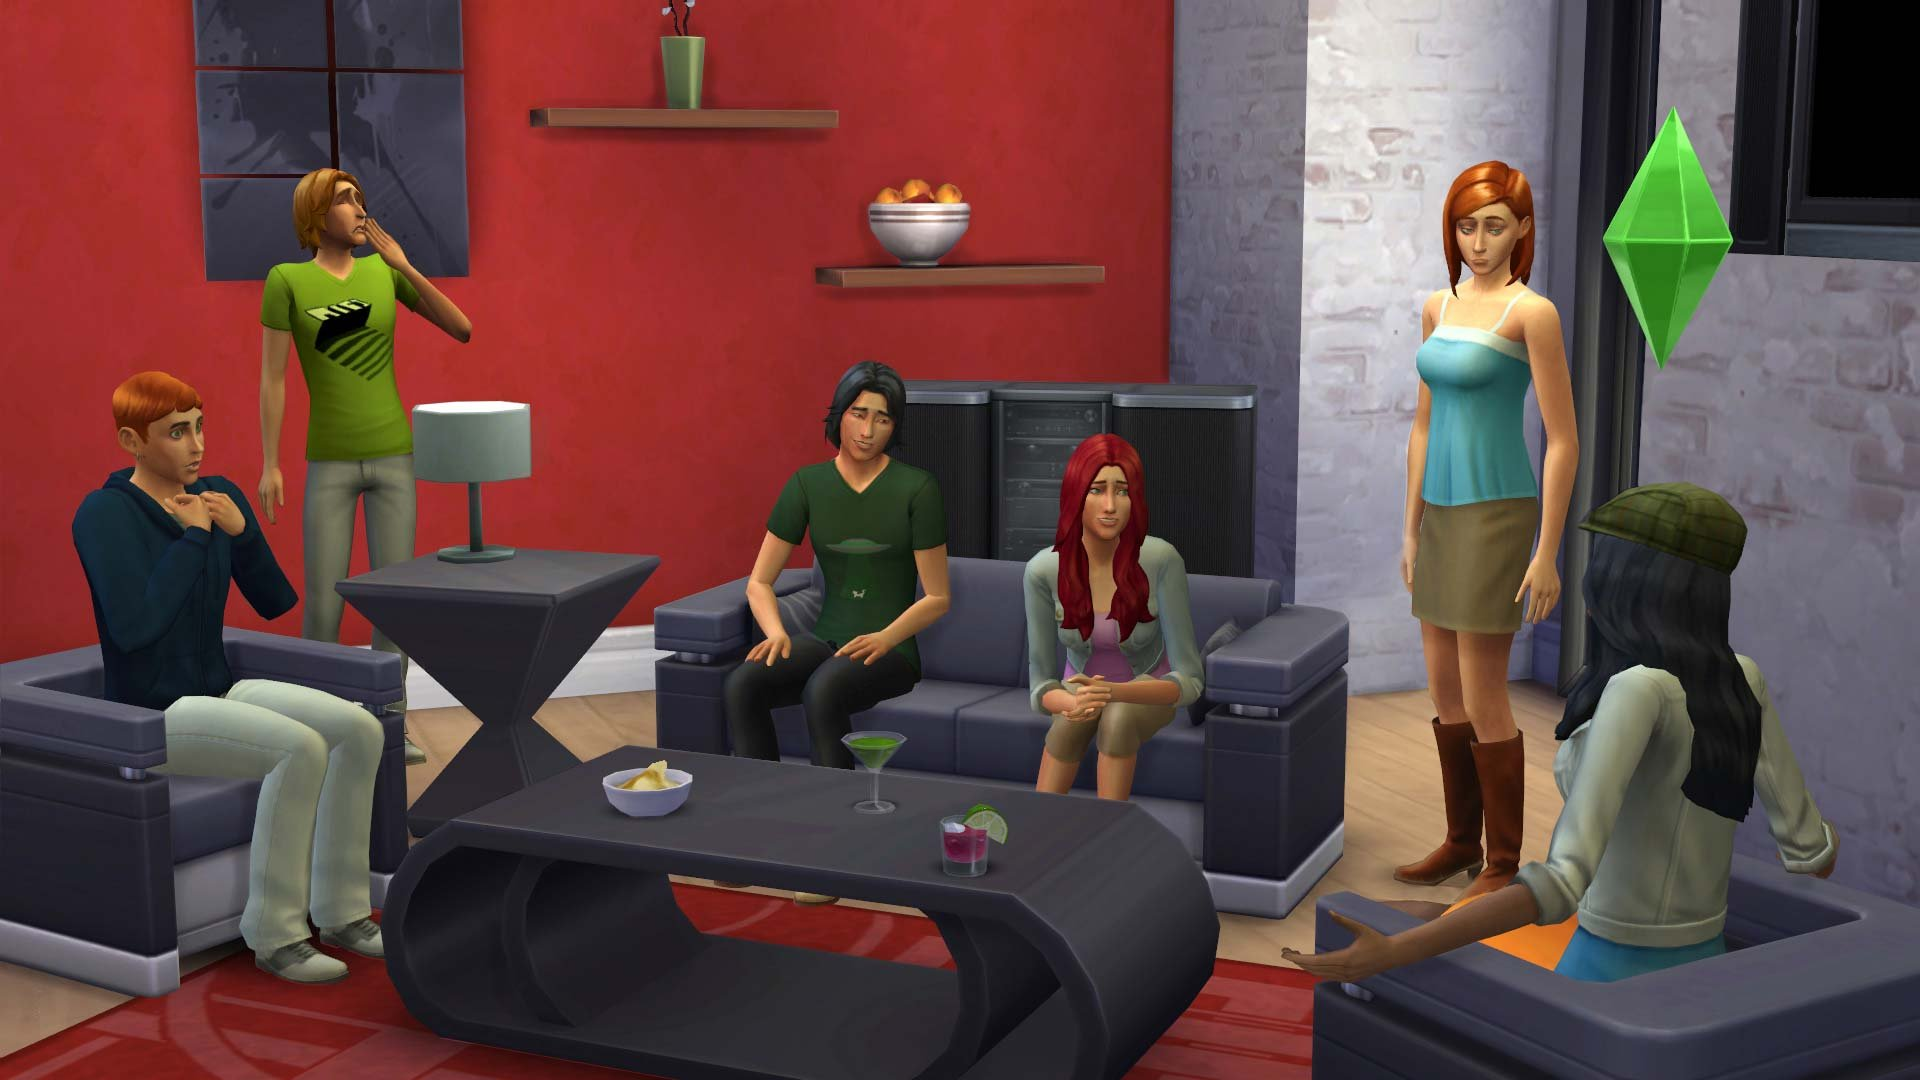 Создатель The Sims поведал освоем новом проекте Proxi